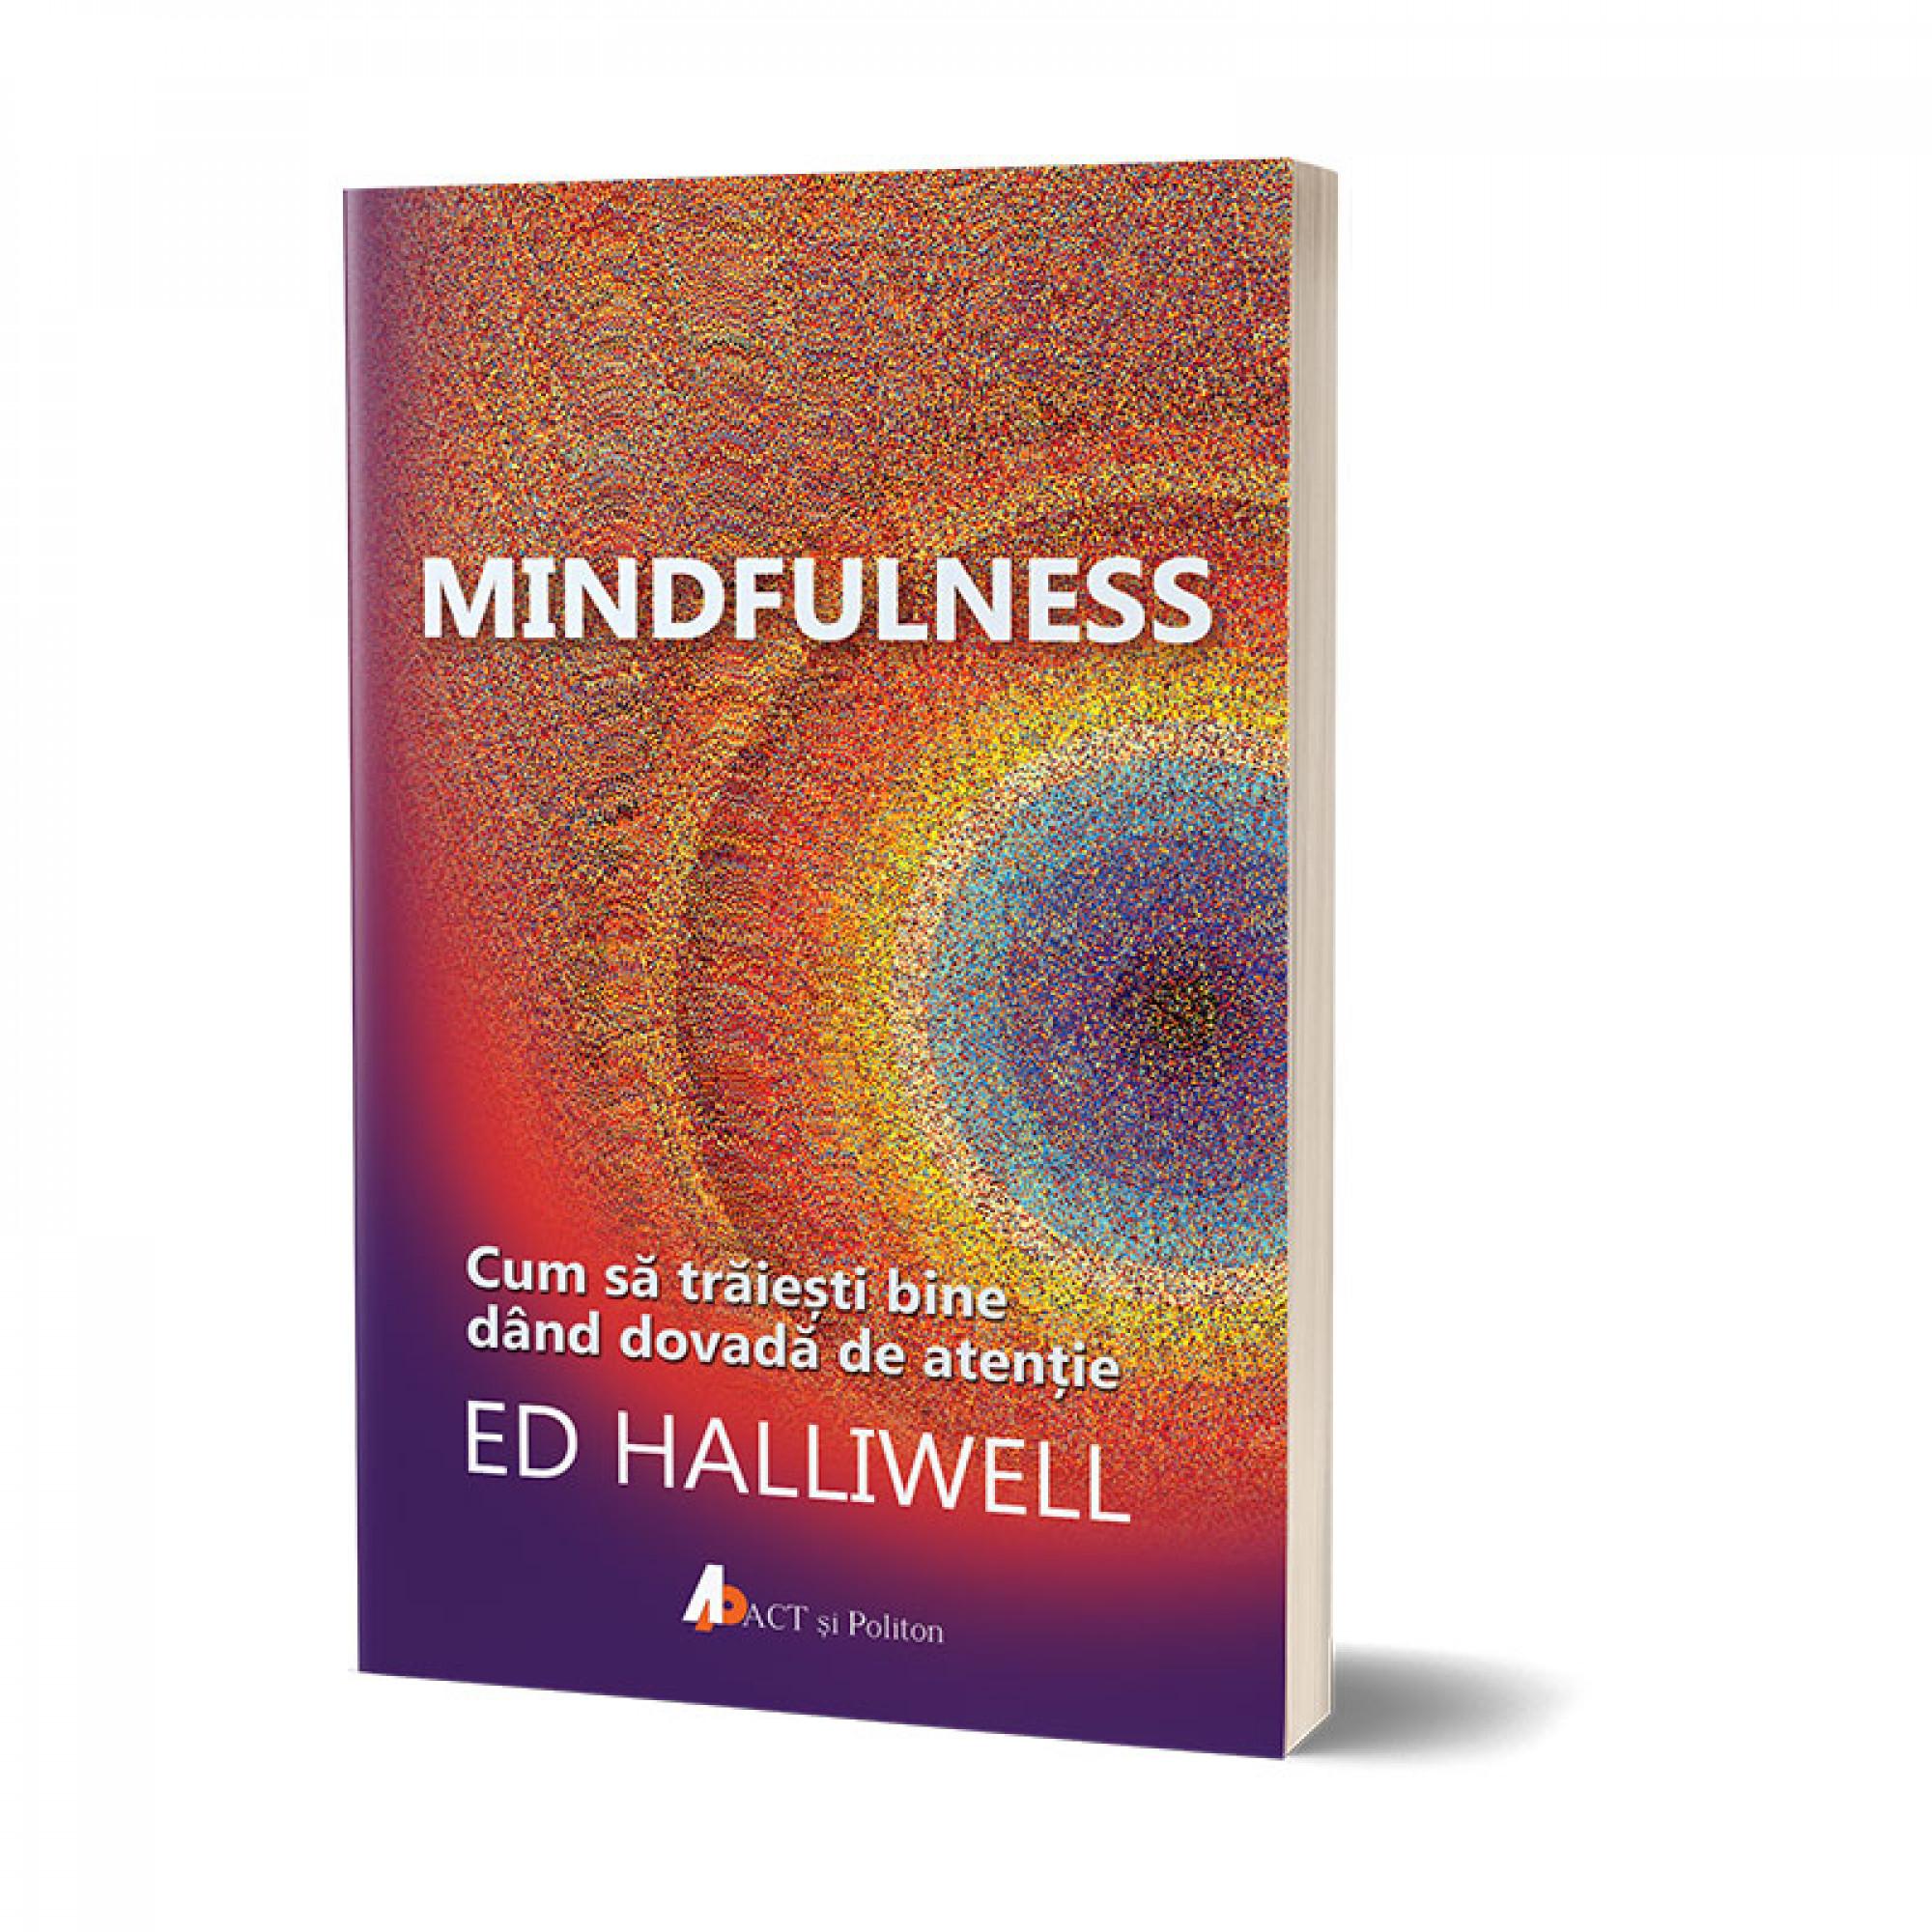 Mindfulness: Cum să trăiești bine dând dovadă de atenție